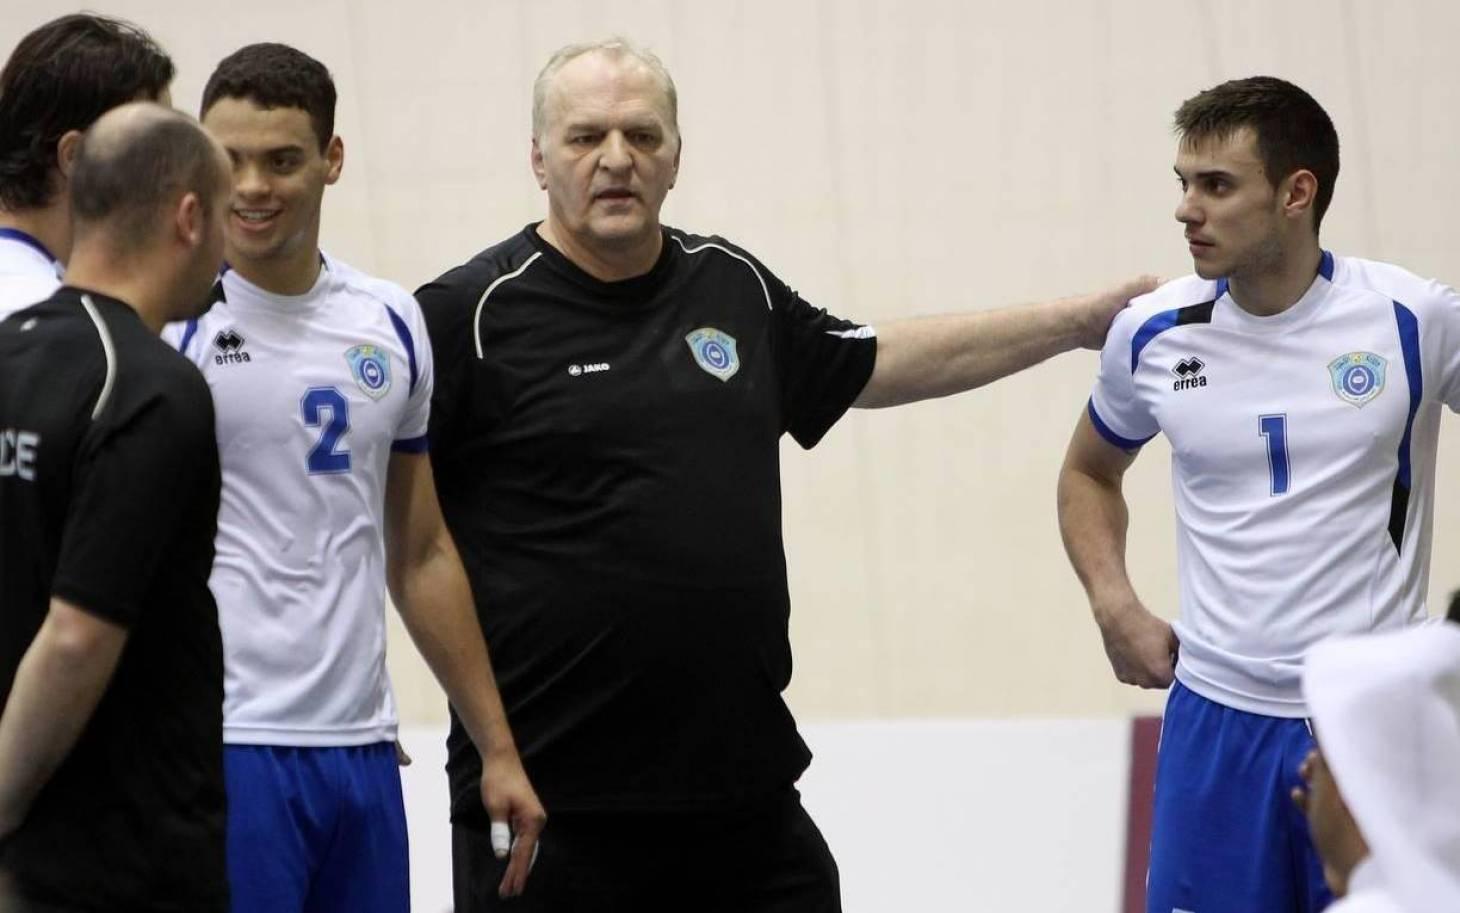 Volley - Jean-Michel Roche est décédé